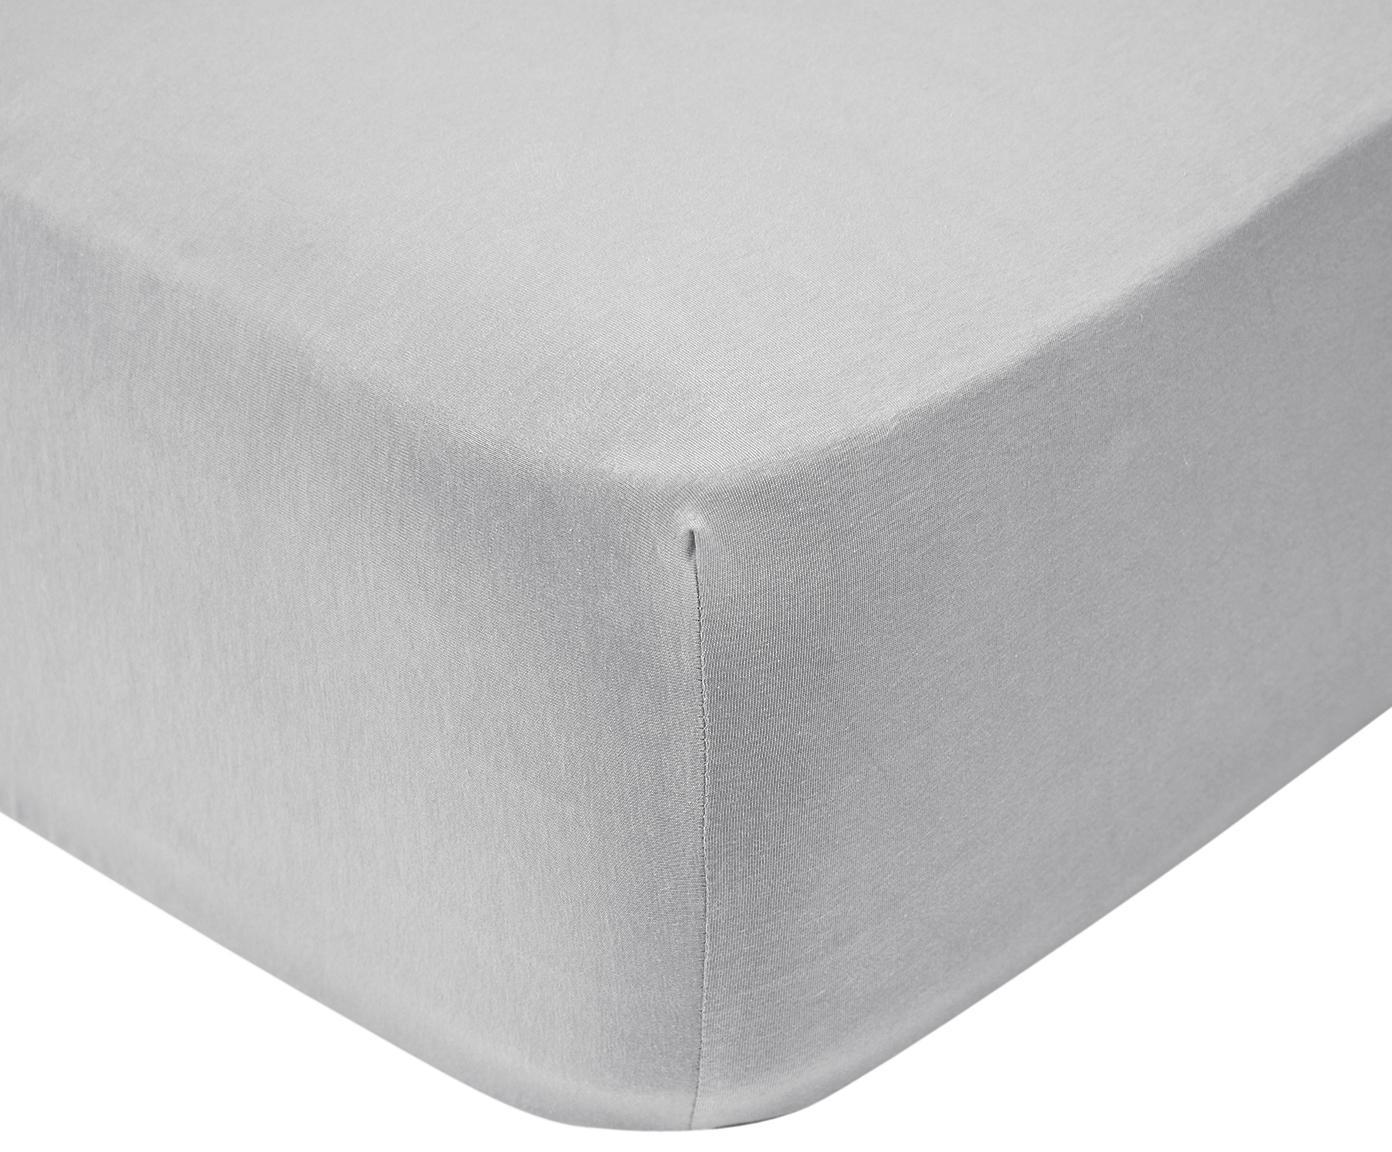 Jersey hoeslaken Lara, 95% katoen, 5% elastaan, Lichtgrijs, 90 x 200 cm